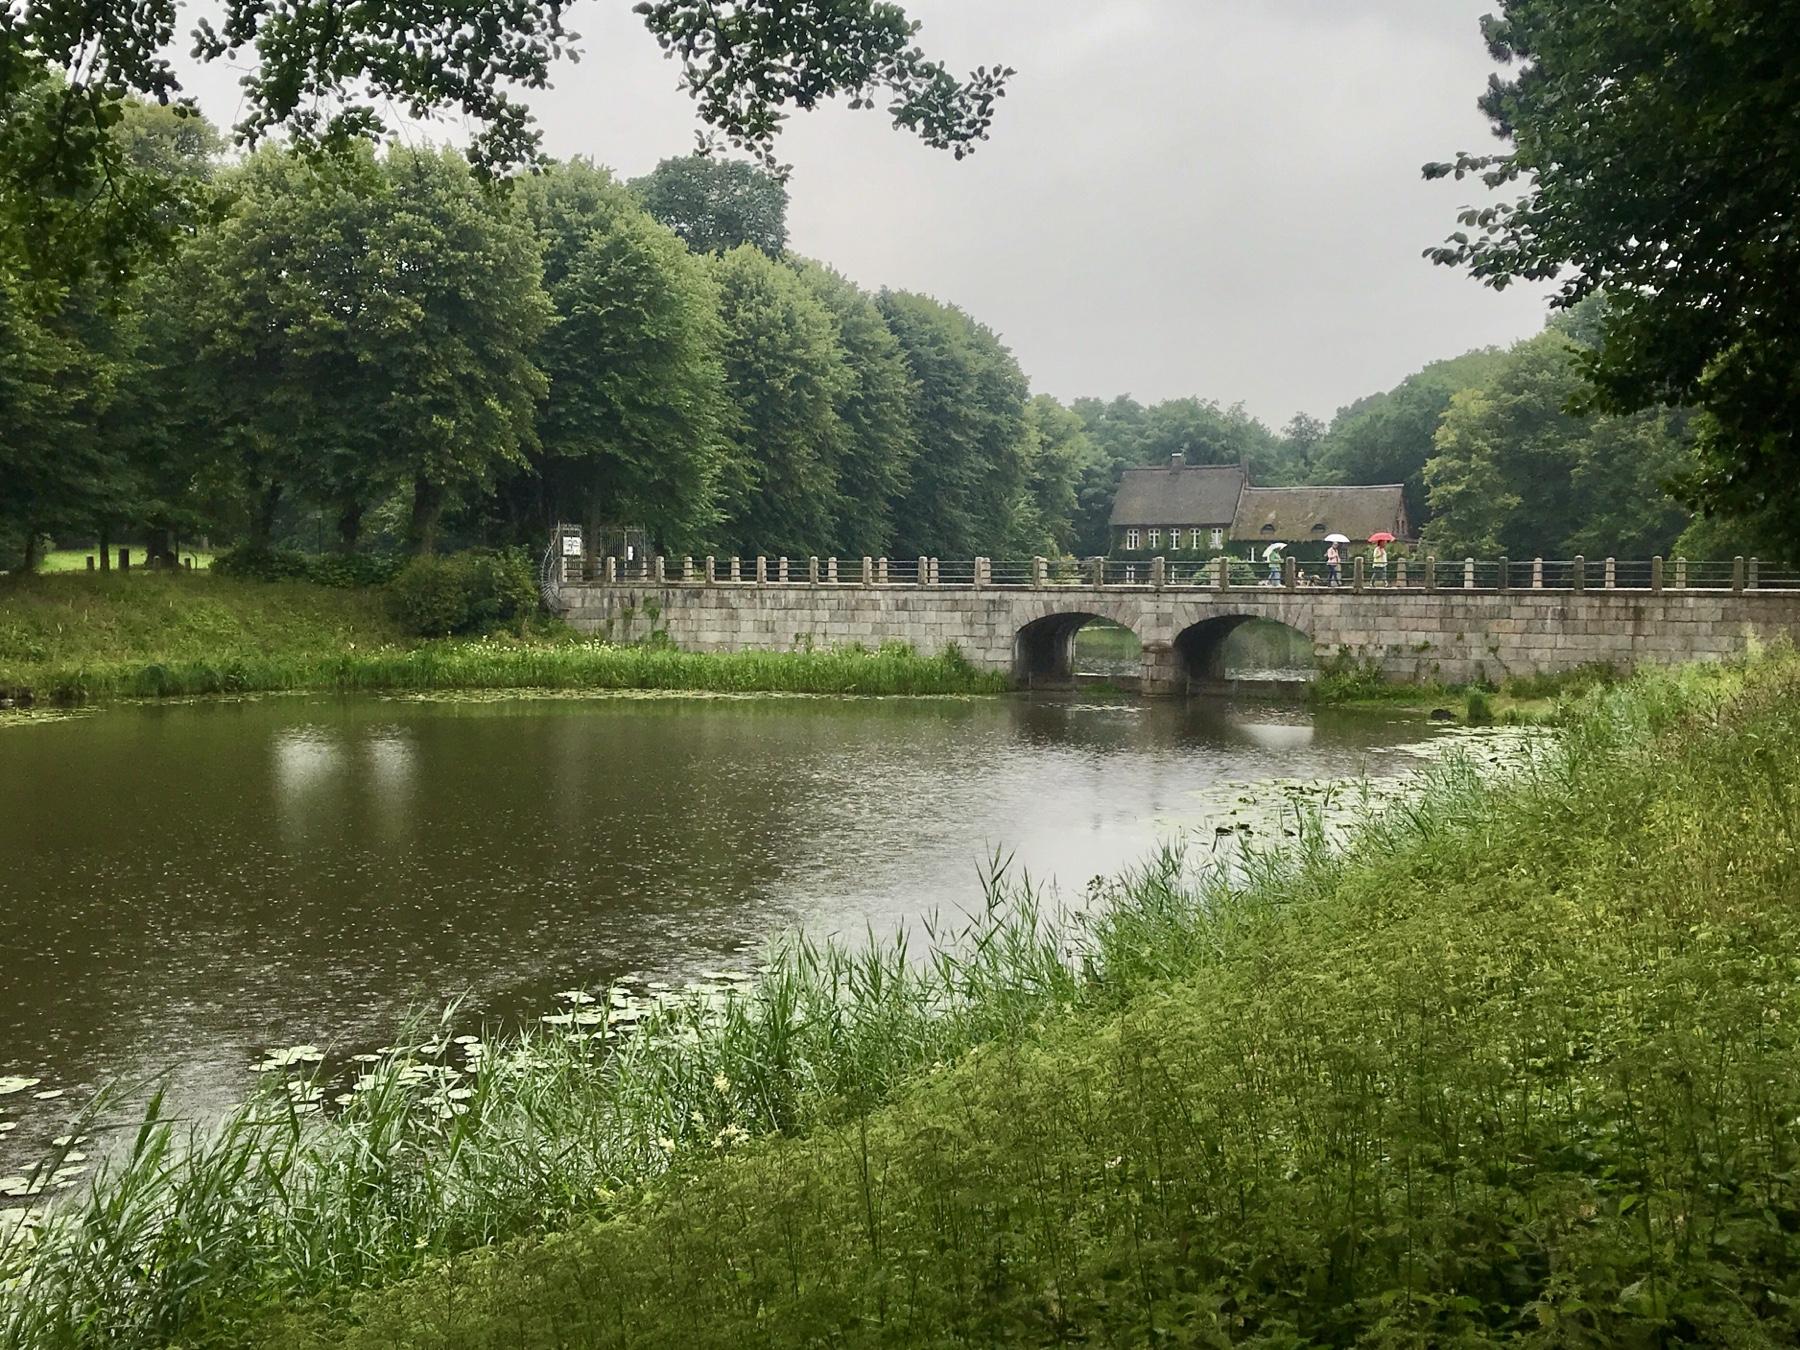 Brücke zum Ahrensburger Schloss